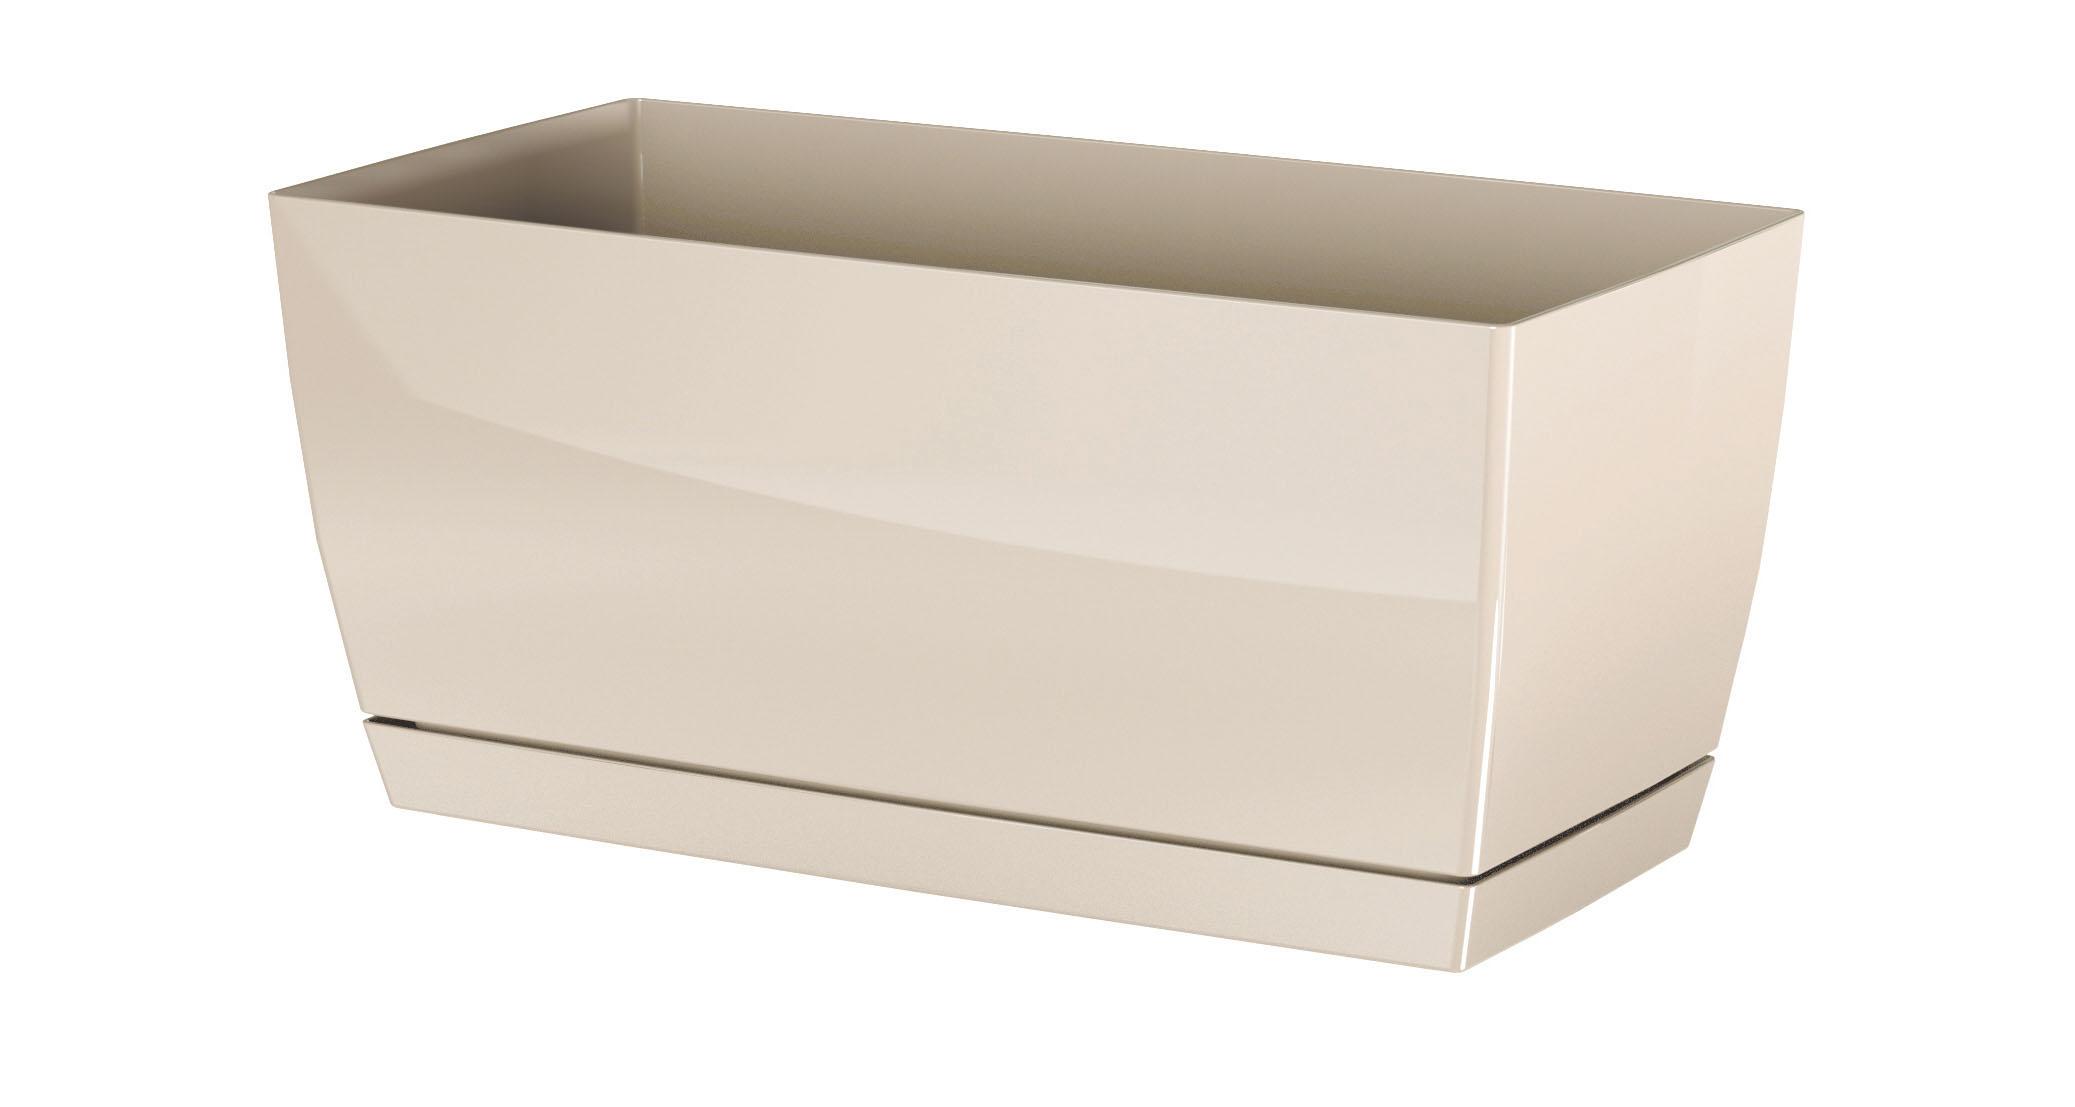 PROSPERPLAST Truhlík COUBI CASE P s miskou krémový 39 cm